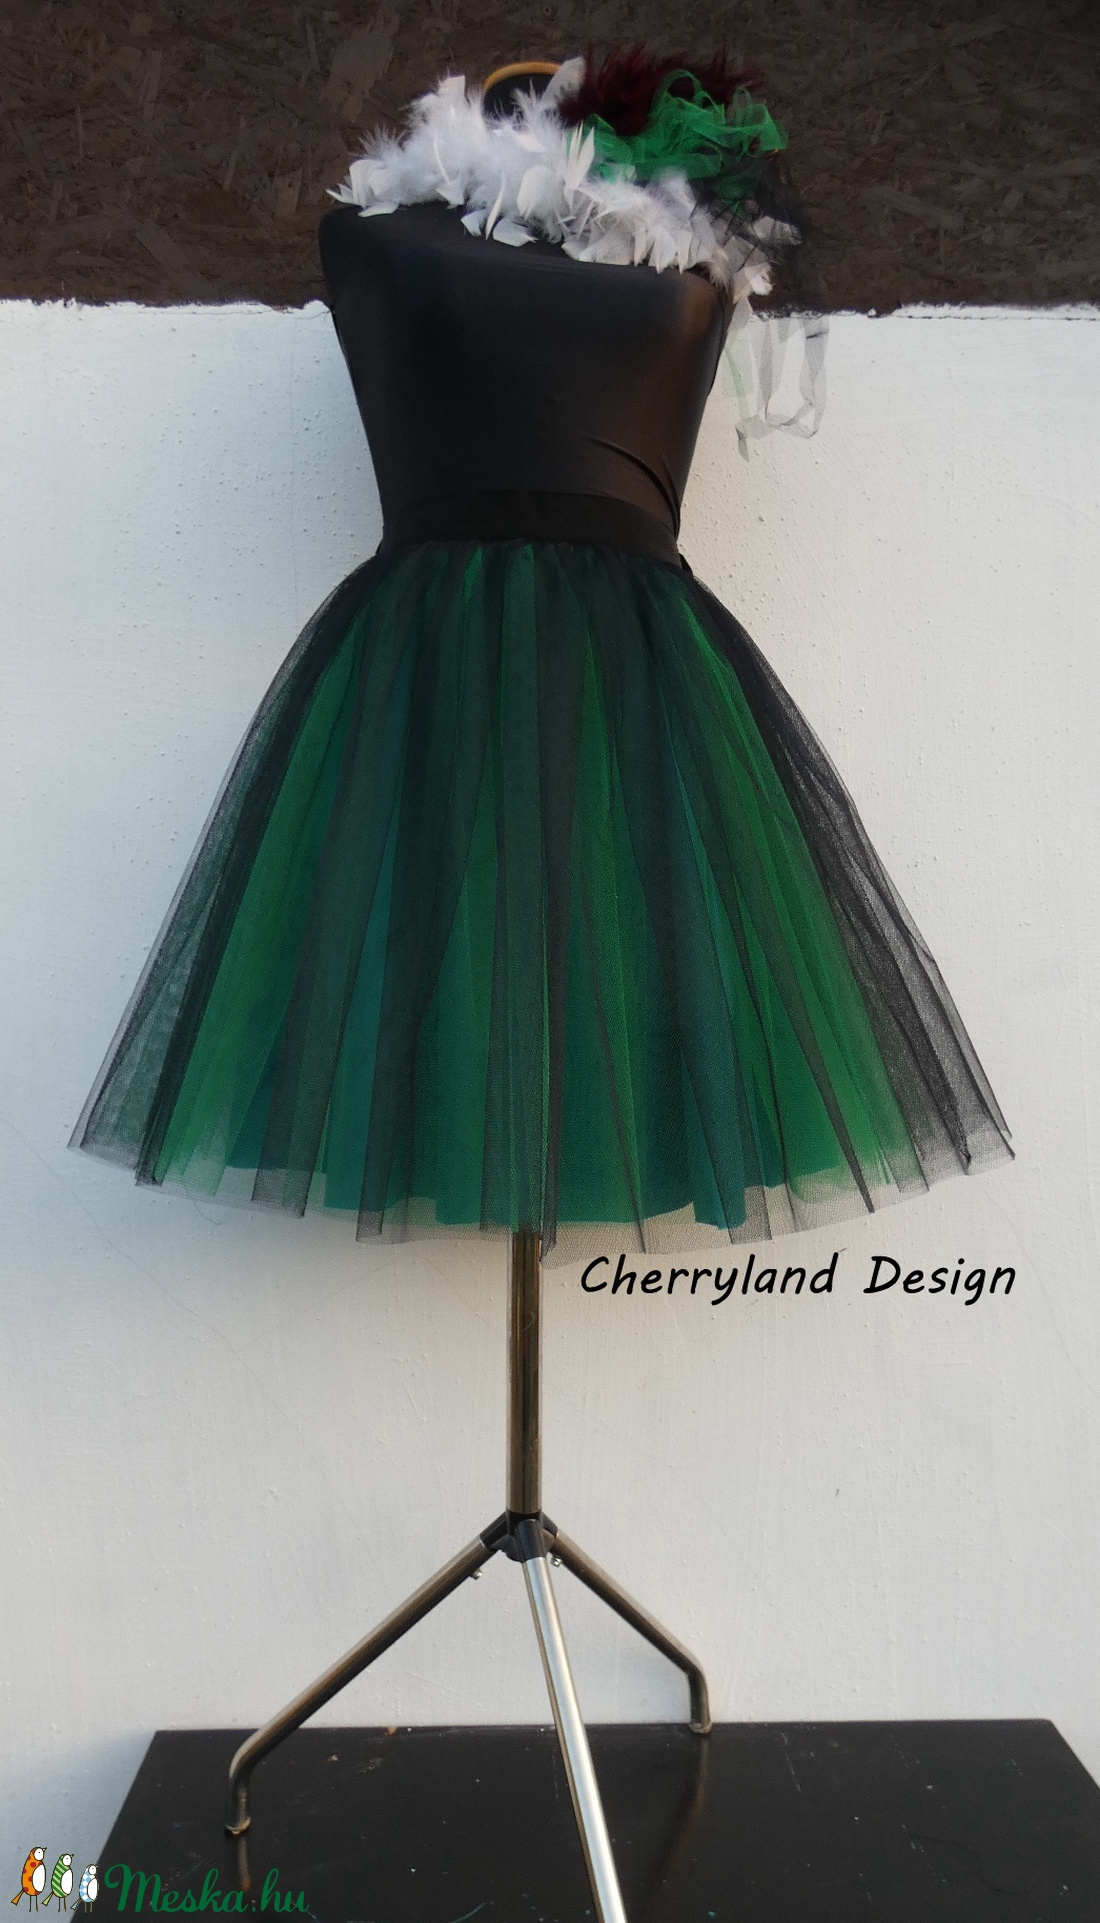 Cherryland Design Zöld Árnyalat Szoknya /Green Shades Tulle Skirt (textilmester) - Meska.hu